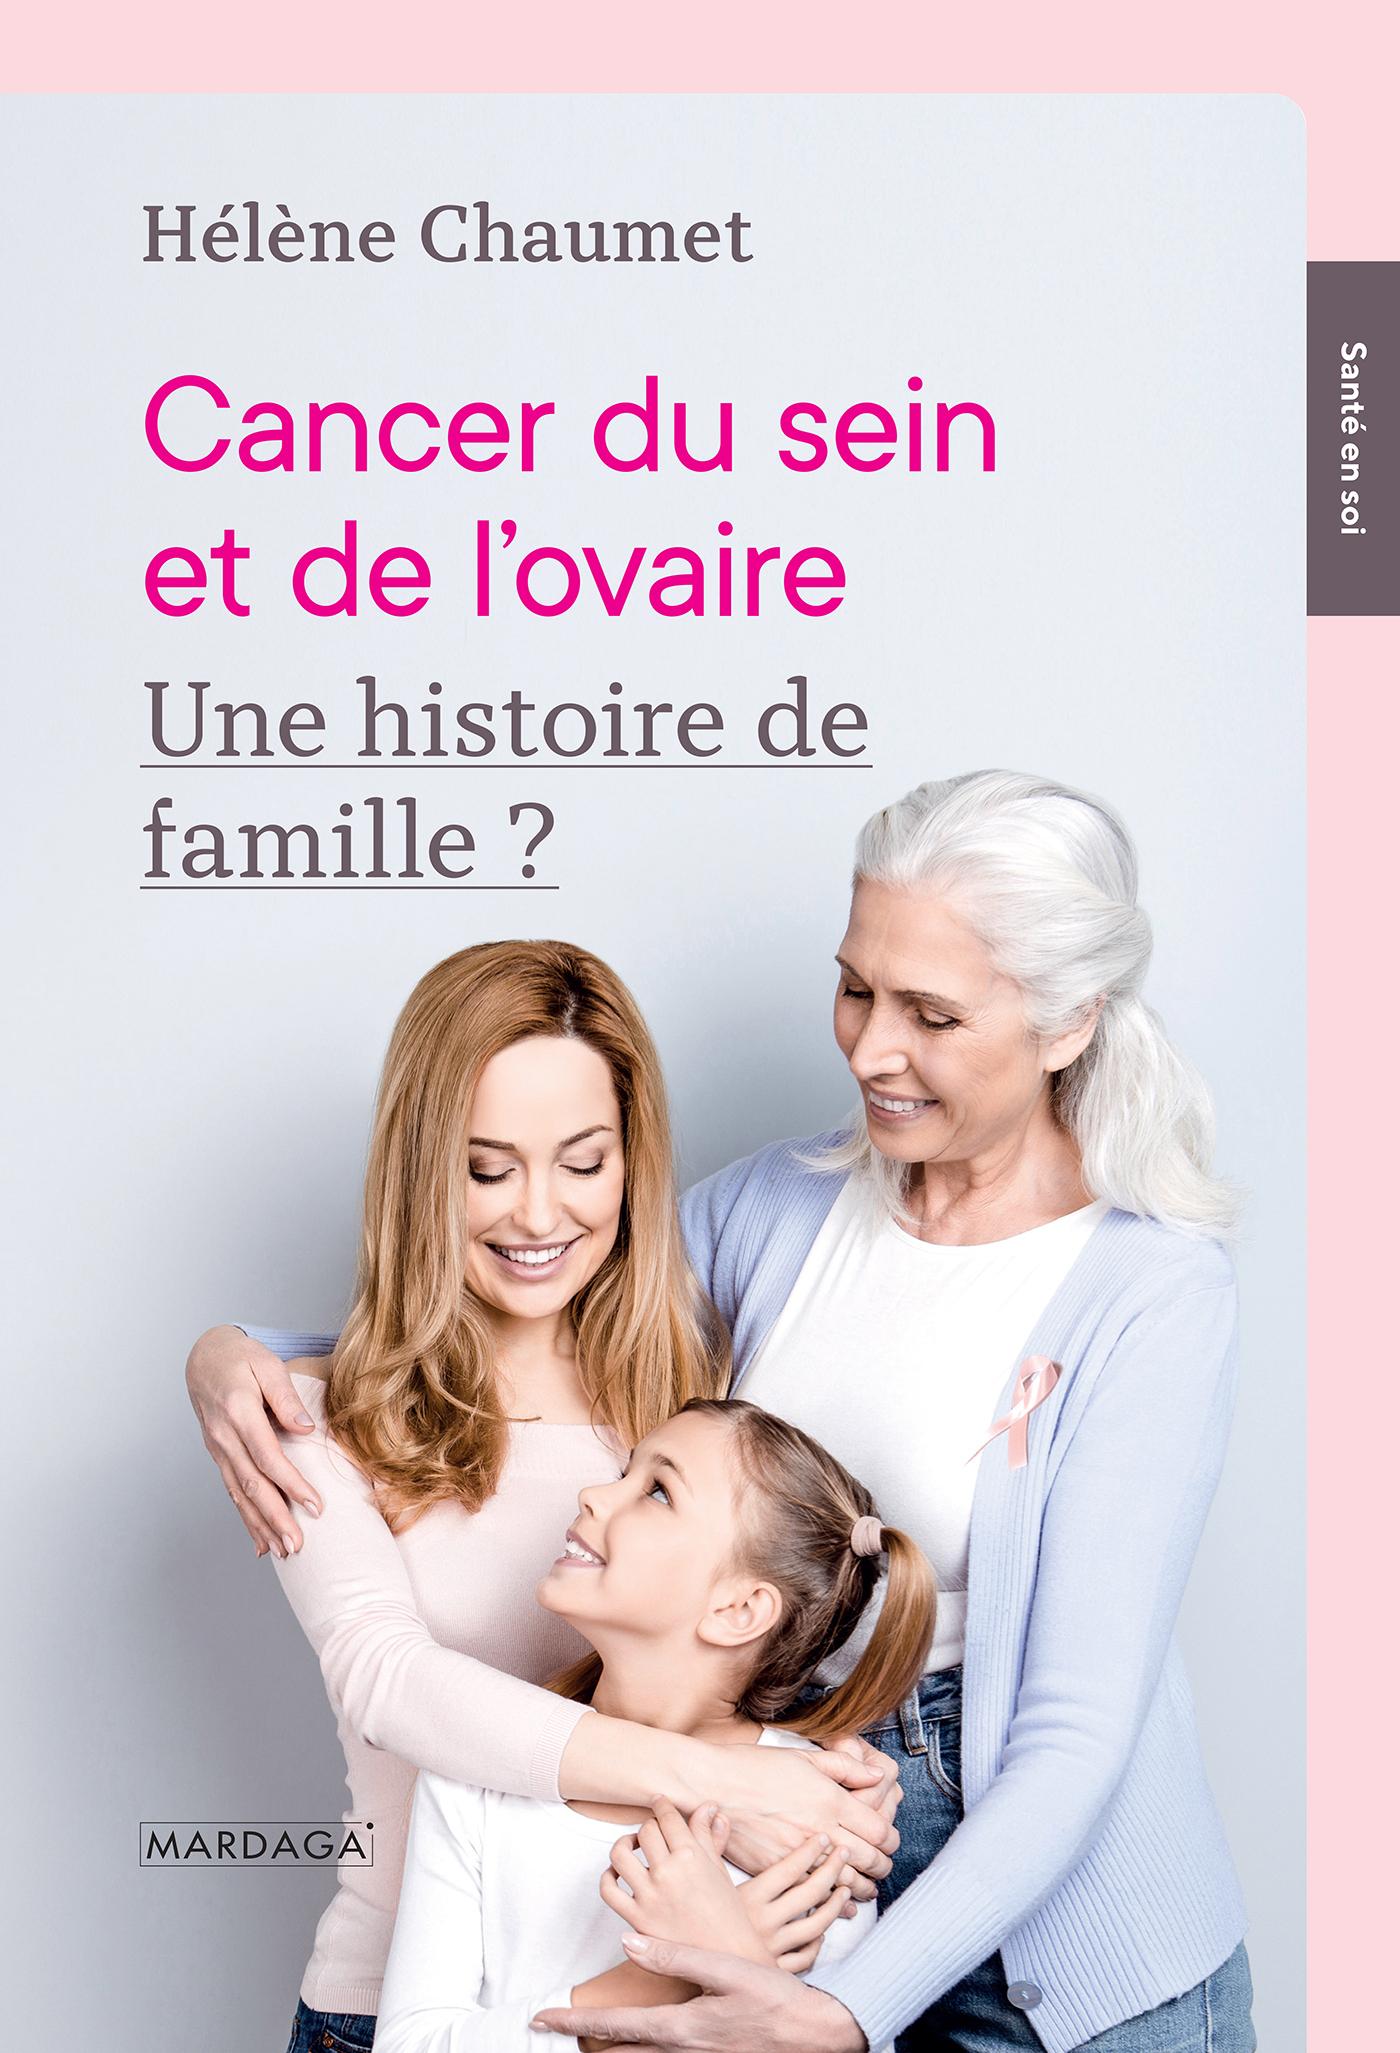 CANCER DU SEIN ET DE L'OVAIRE - UNE HISTOIRE DE FAMILLE ?